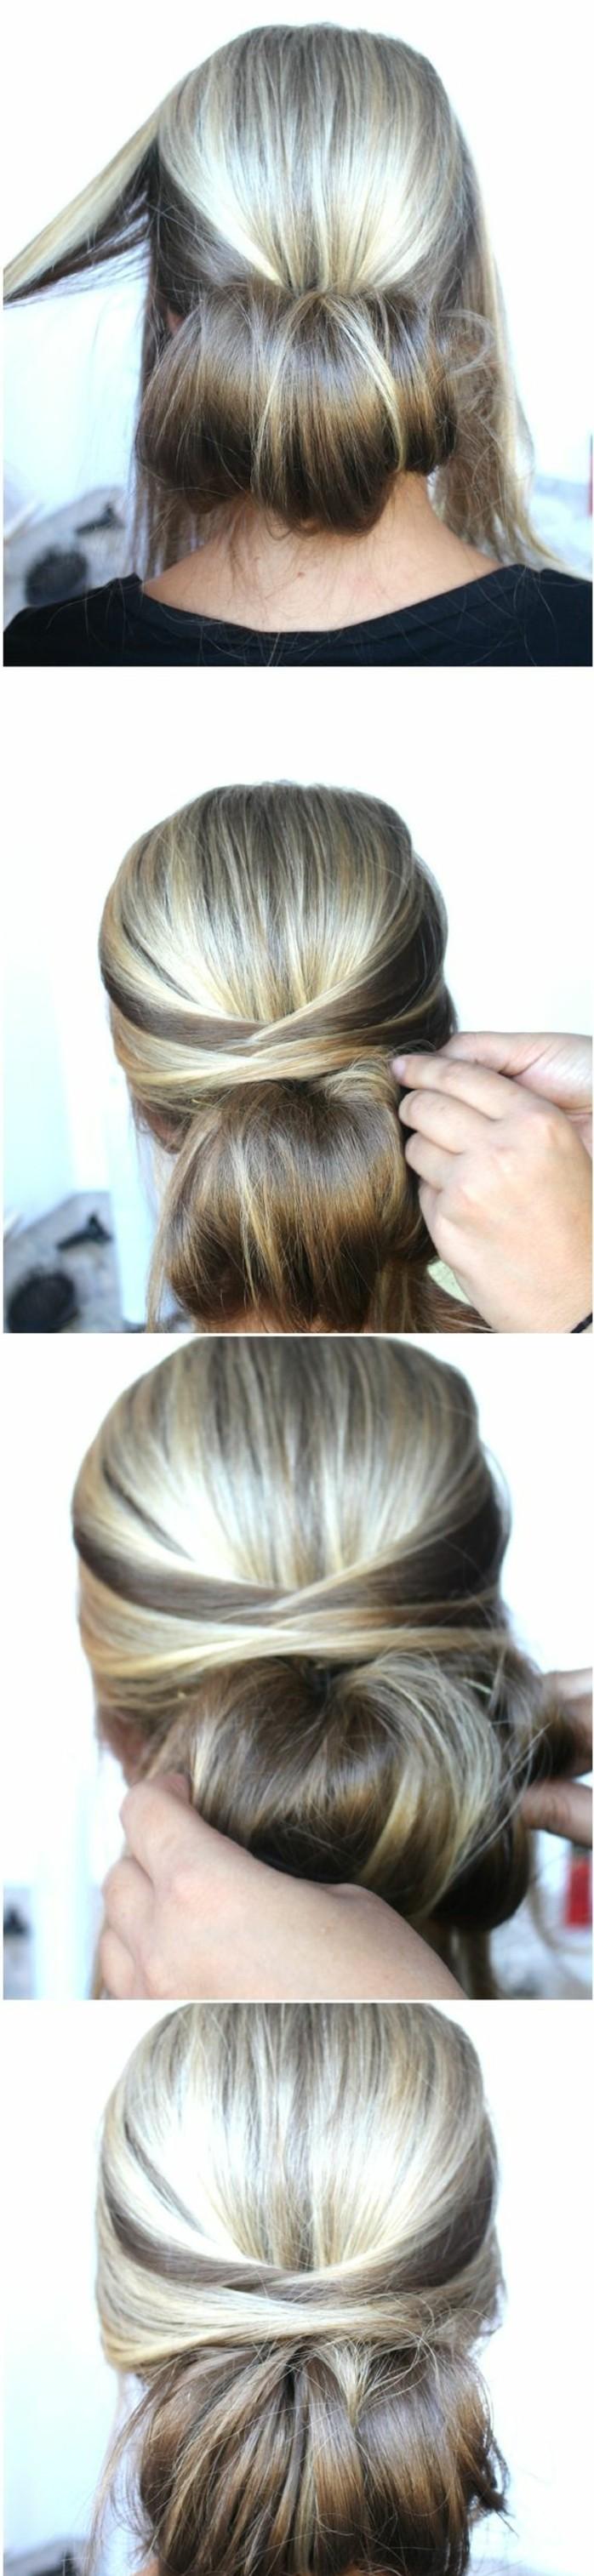 chignon-facile-idee-coiffure-romantique-allure-vintage